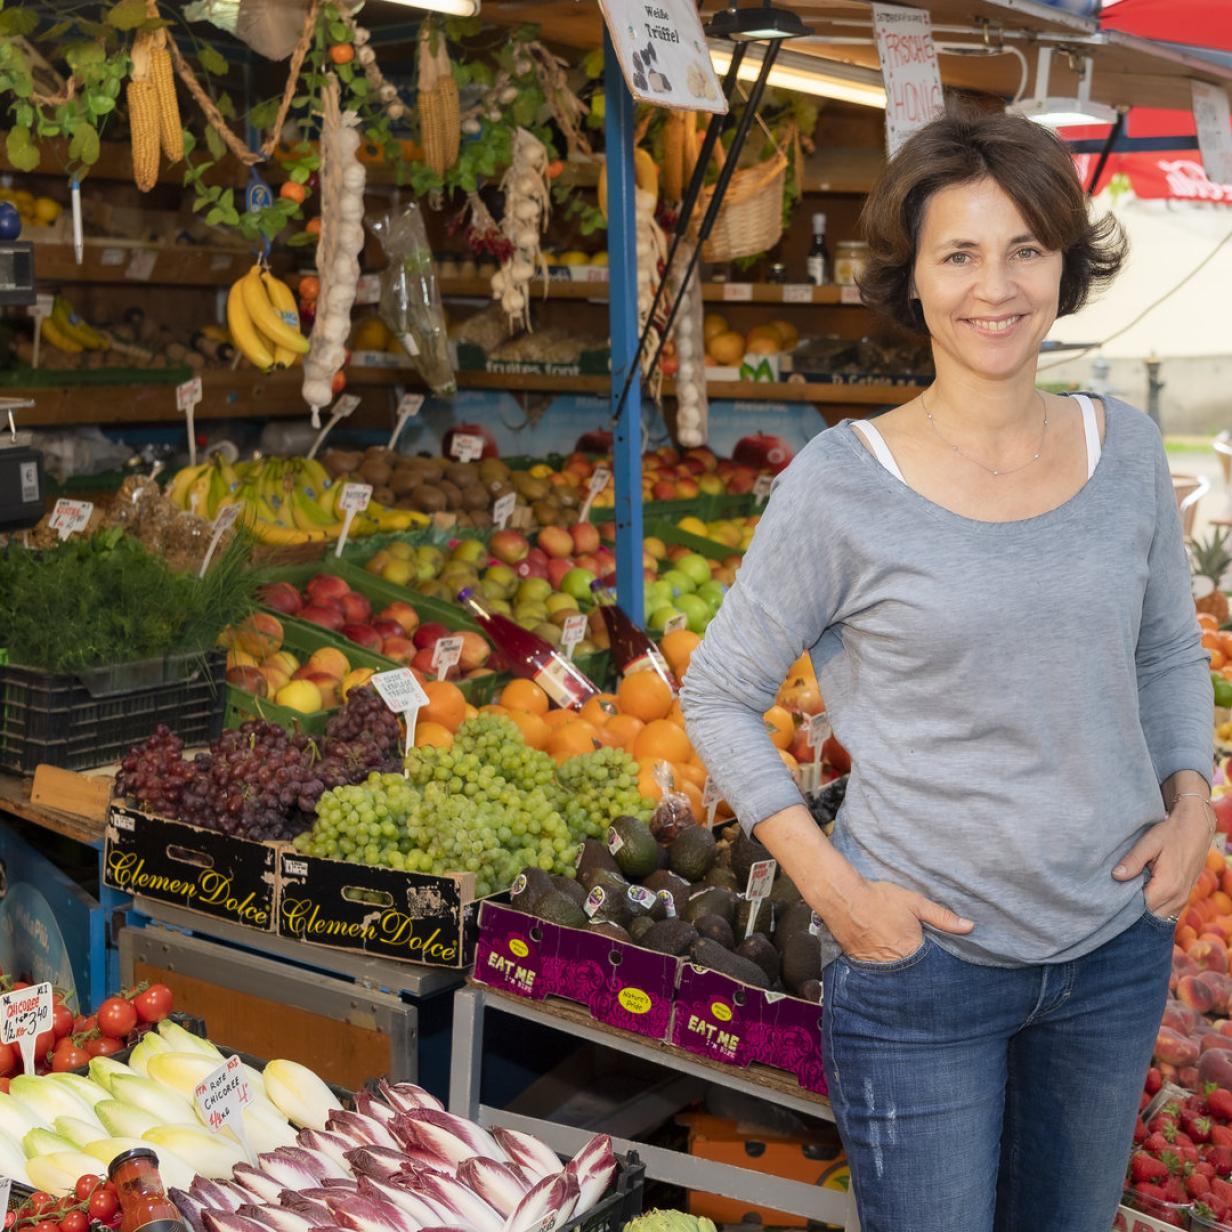 Marktgeschichten, Folge 2: Sonnenfrucht